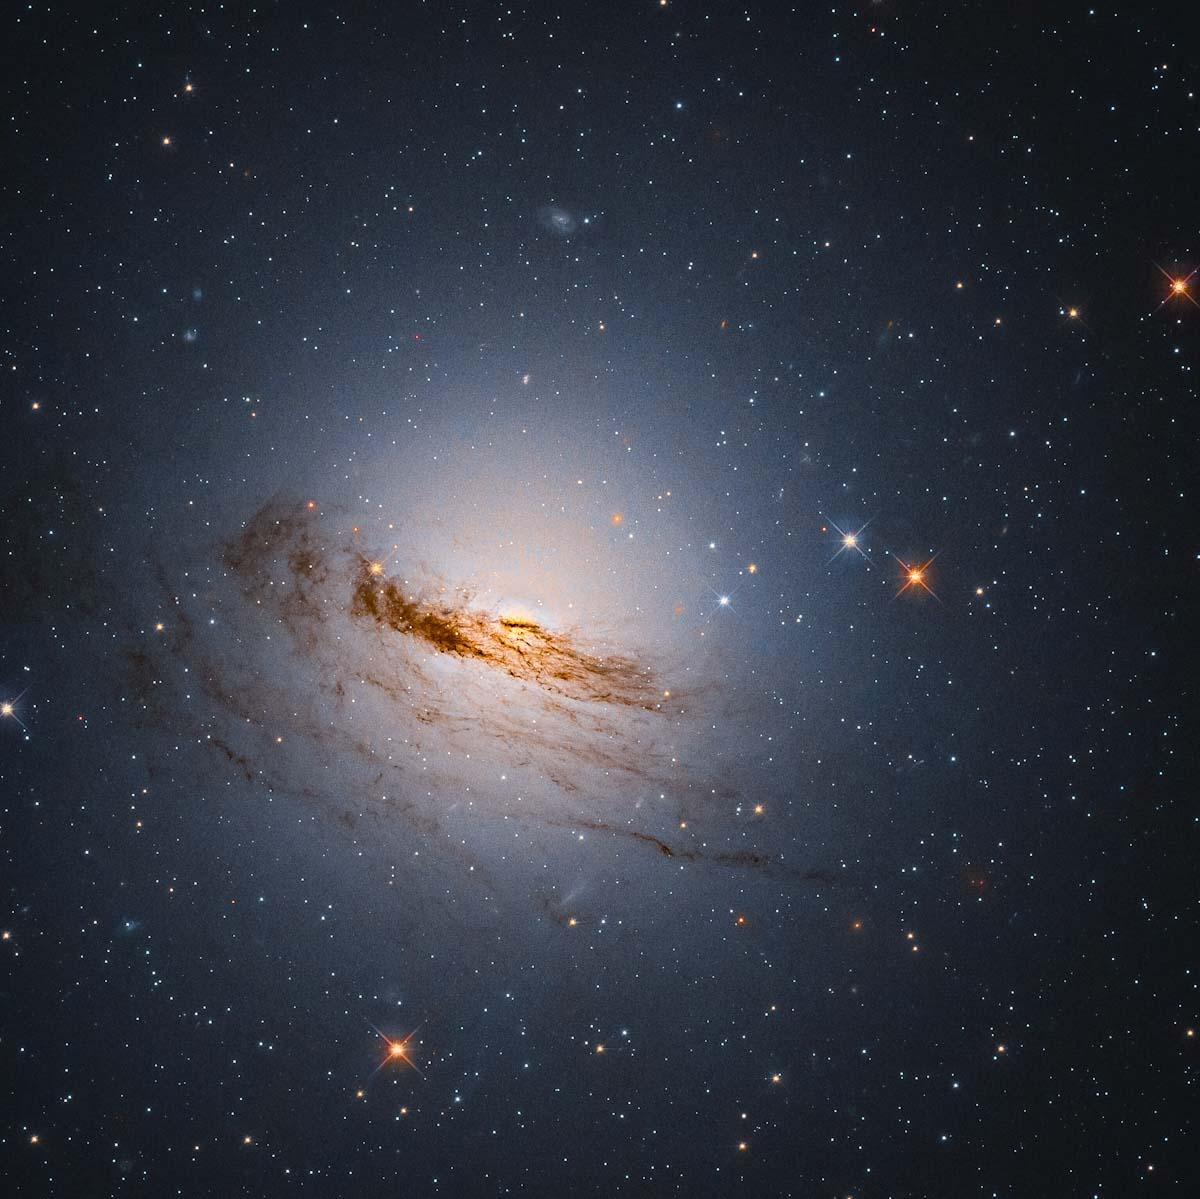 Hubble revela o brilho remanescente de uma galáxia em ruínas